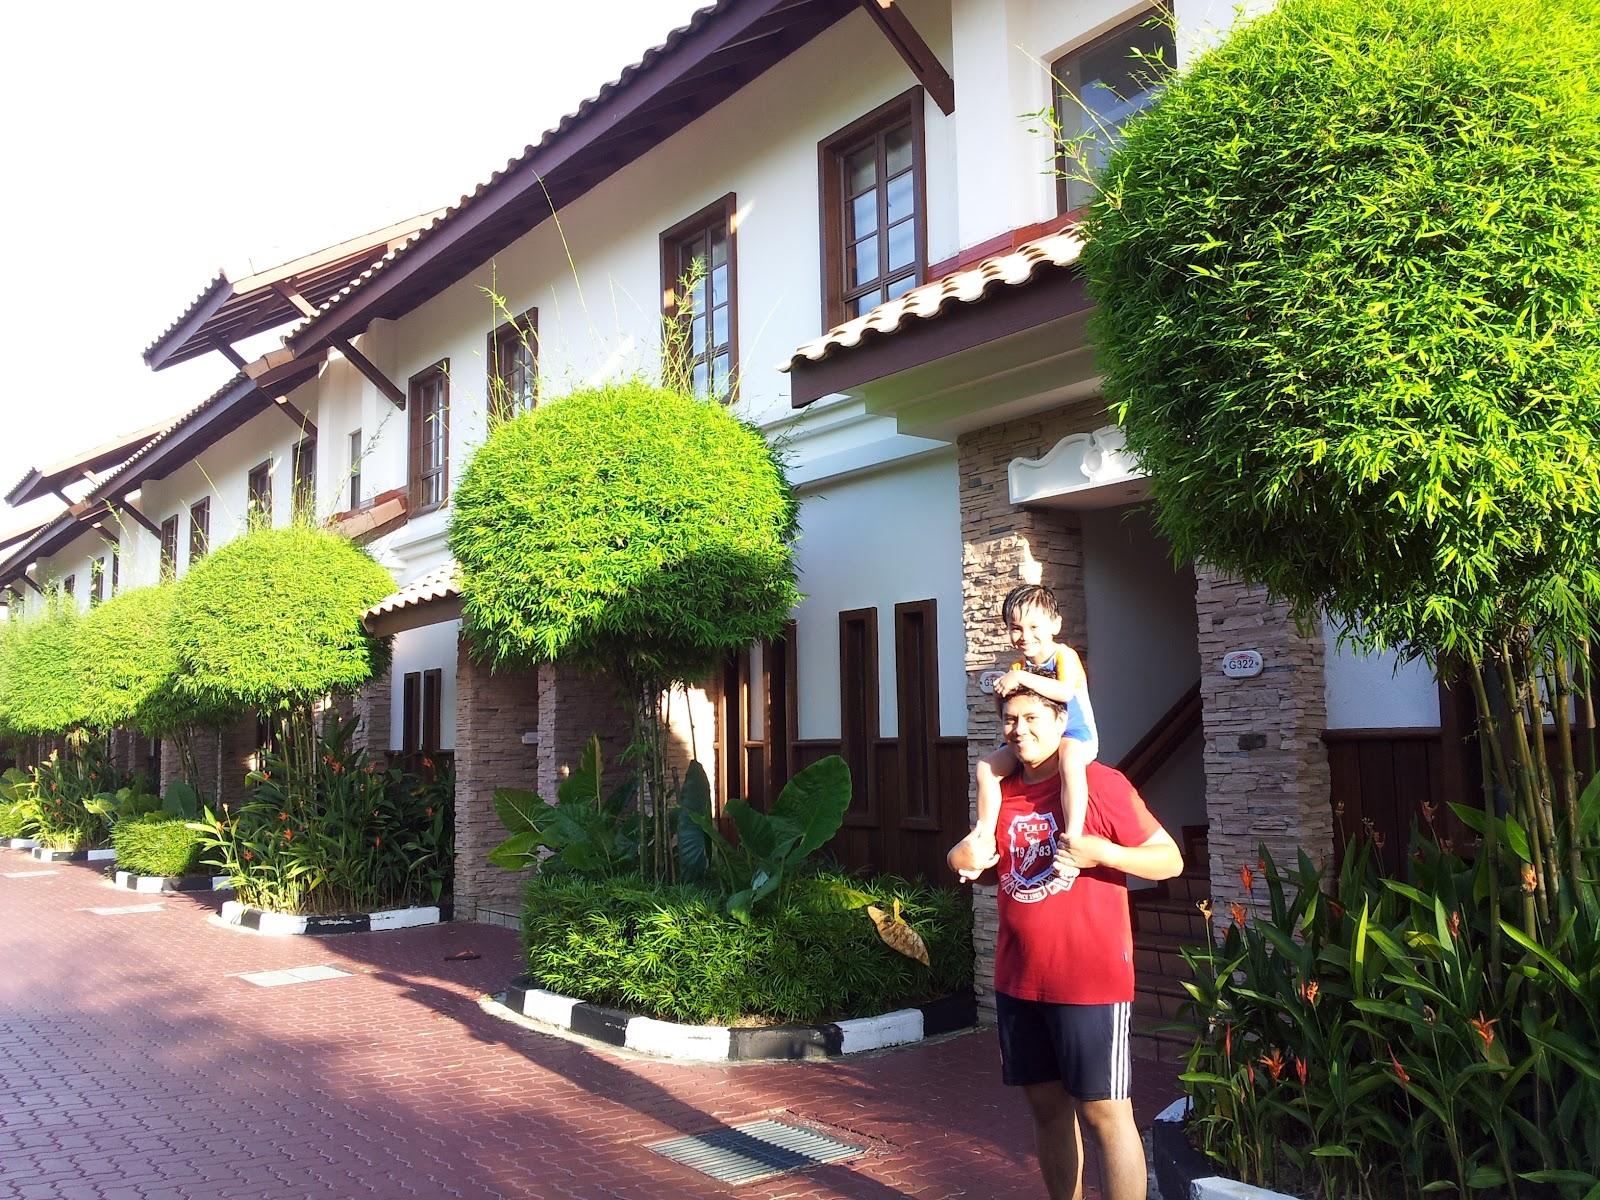 Alw z b3 my baby jom jenjalan sekitar grand lexis port for Garden pool villa grand lexis blog